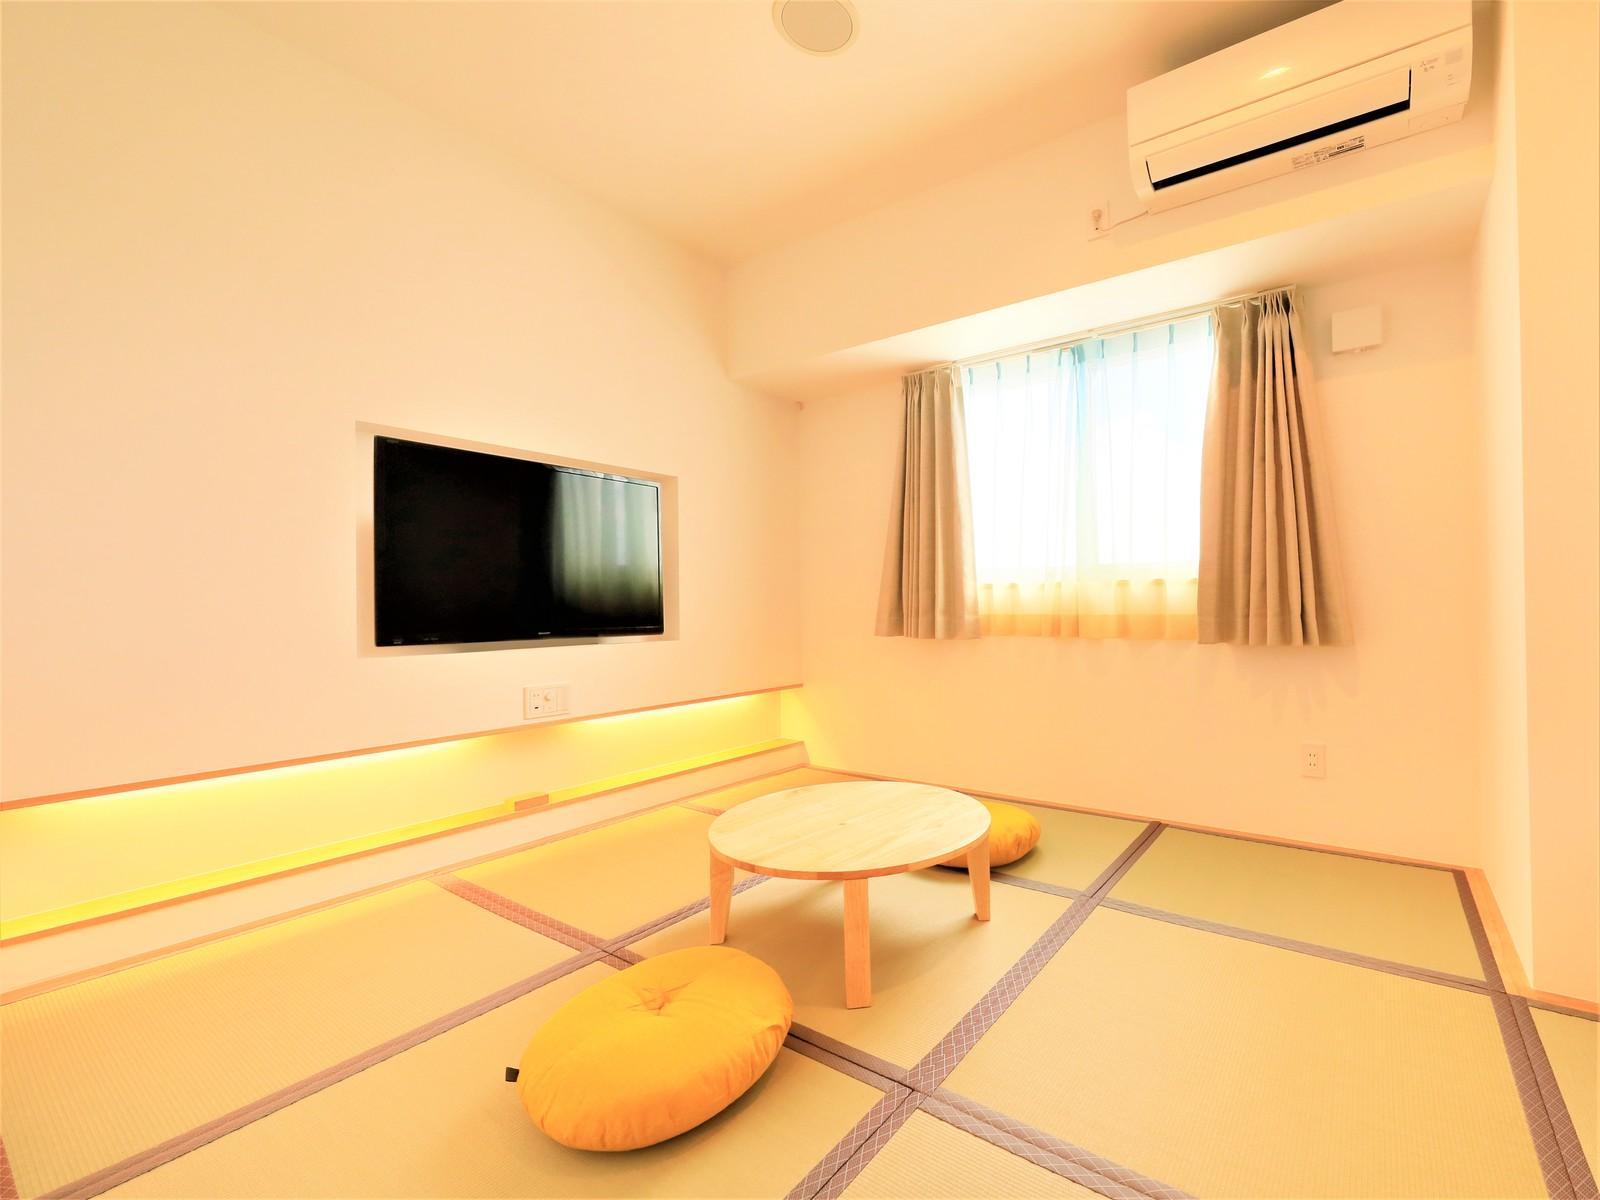 セントラルリゾート宮古島 New◆新館【Asobi】-和室/禁煙・19.4平米